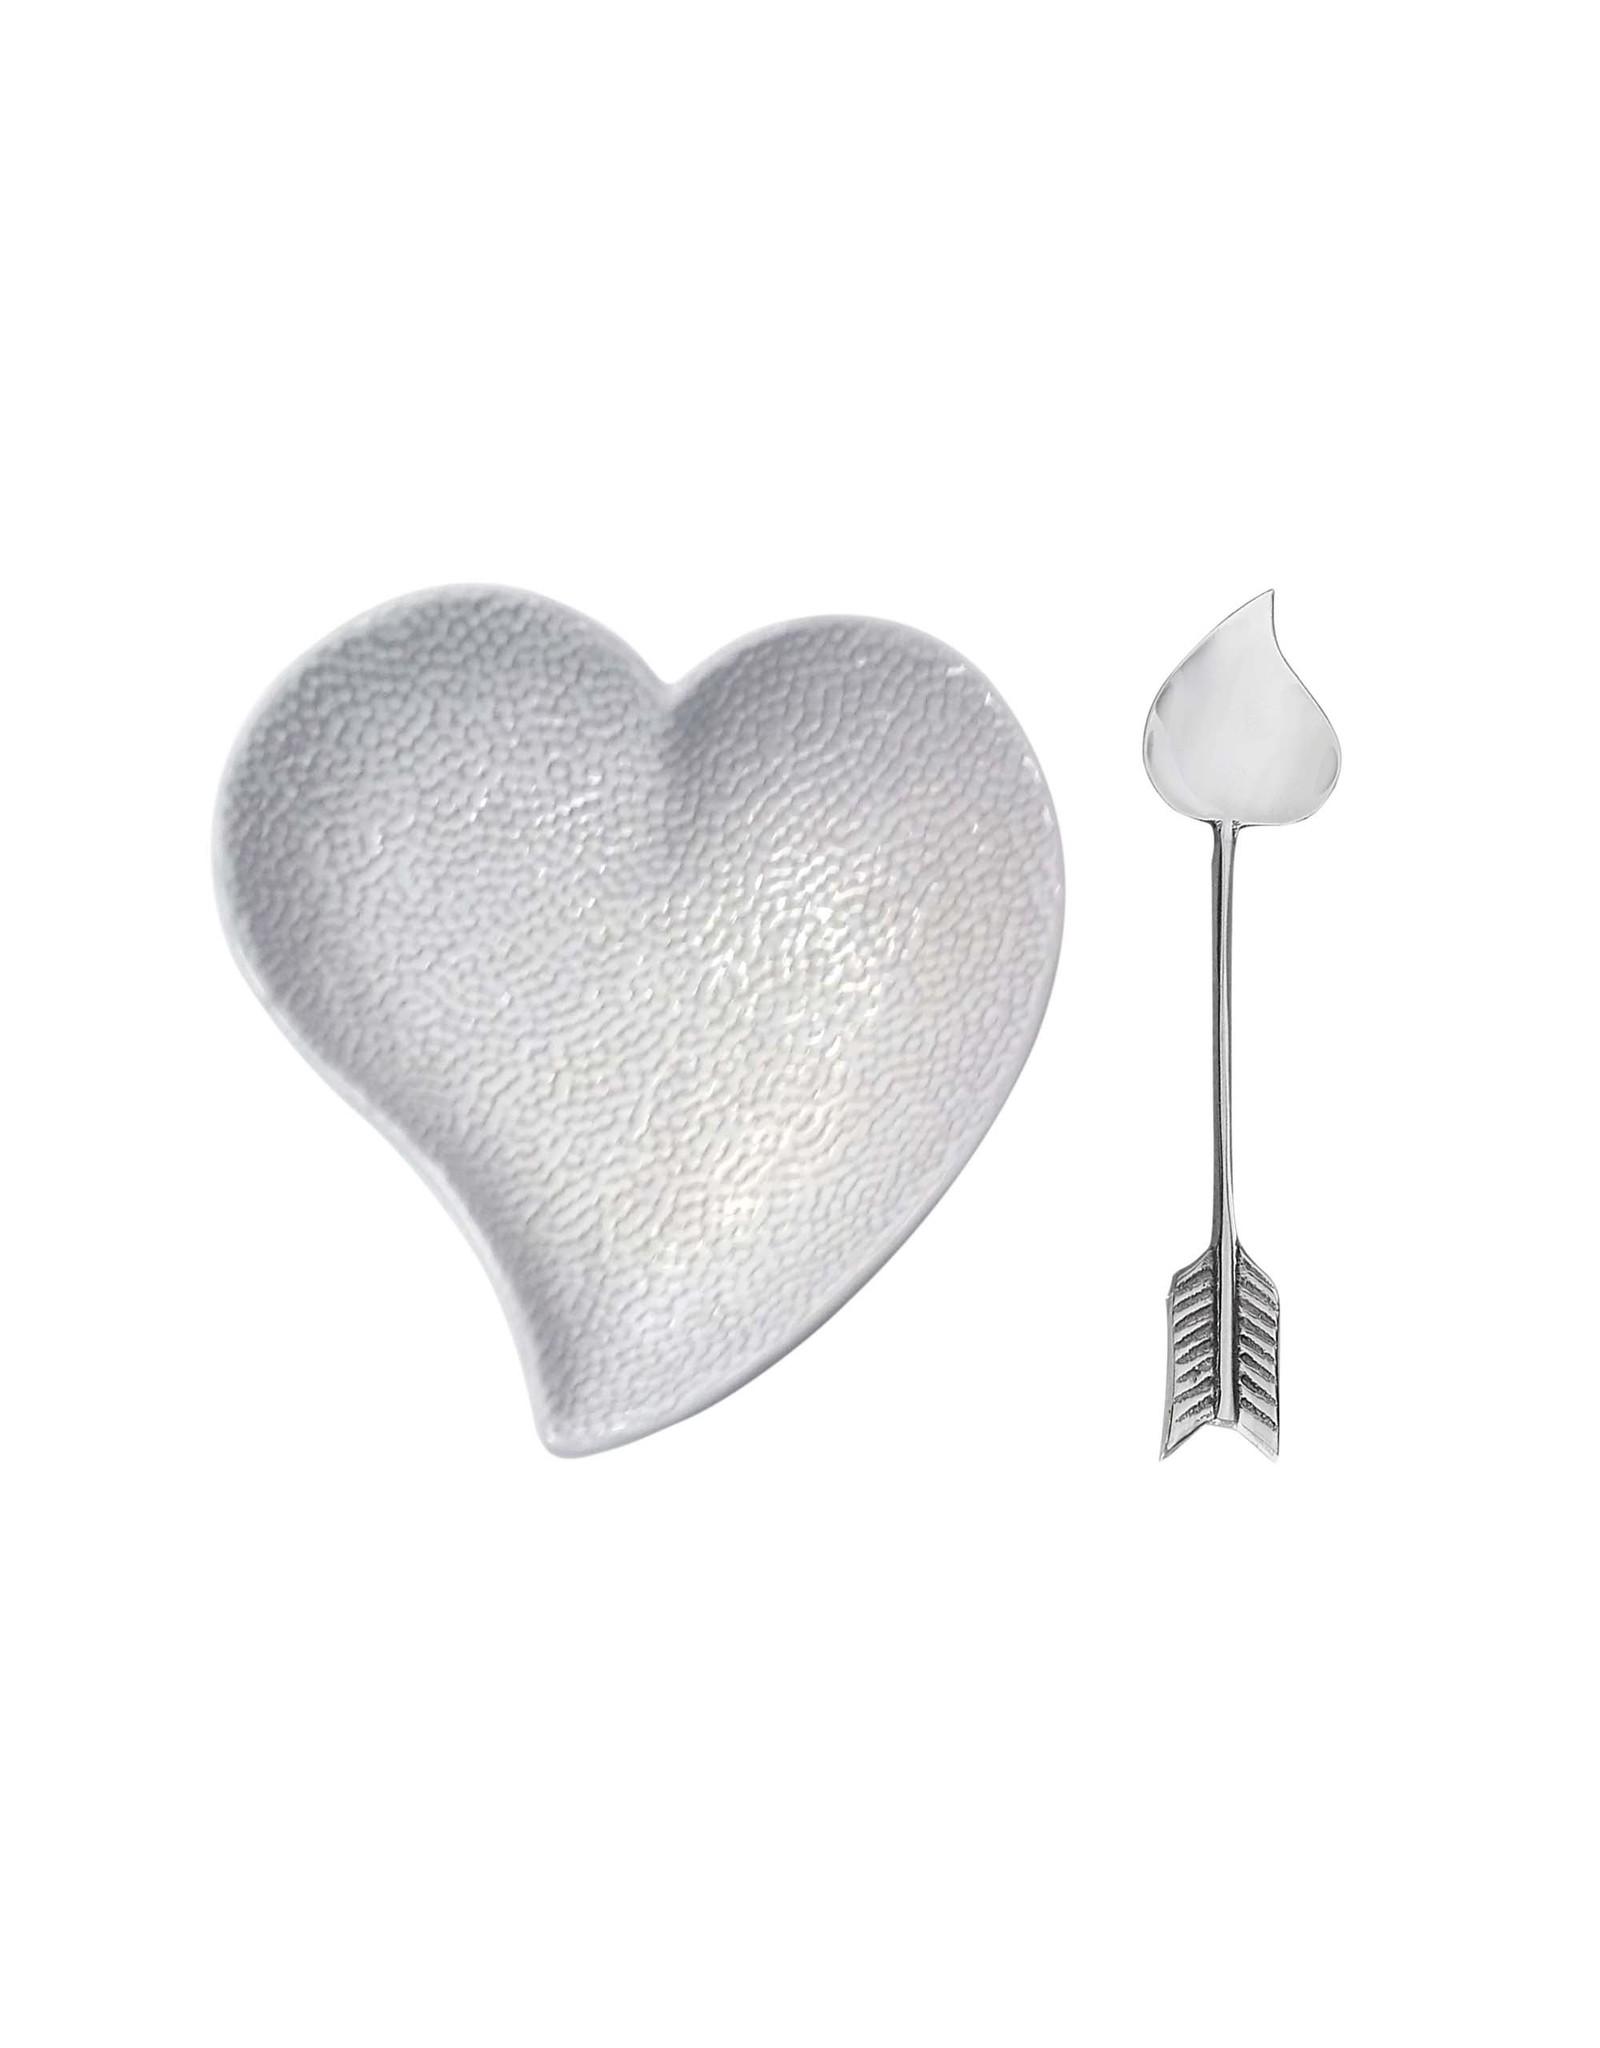 Mariposa Heart Ceramic dish & Arrow